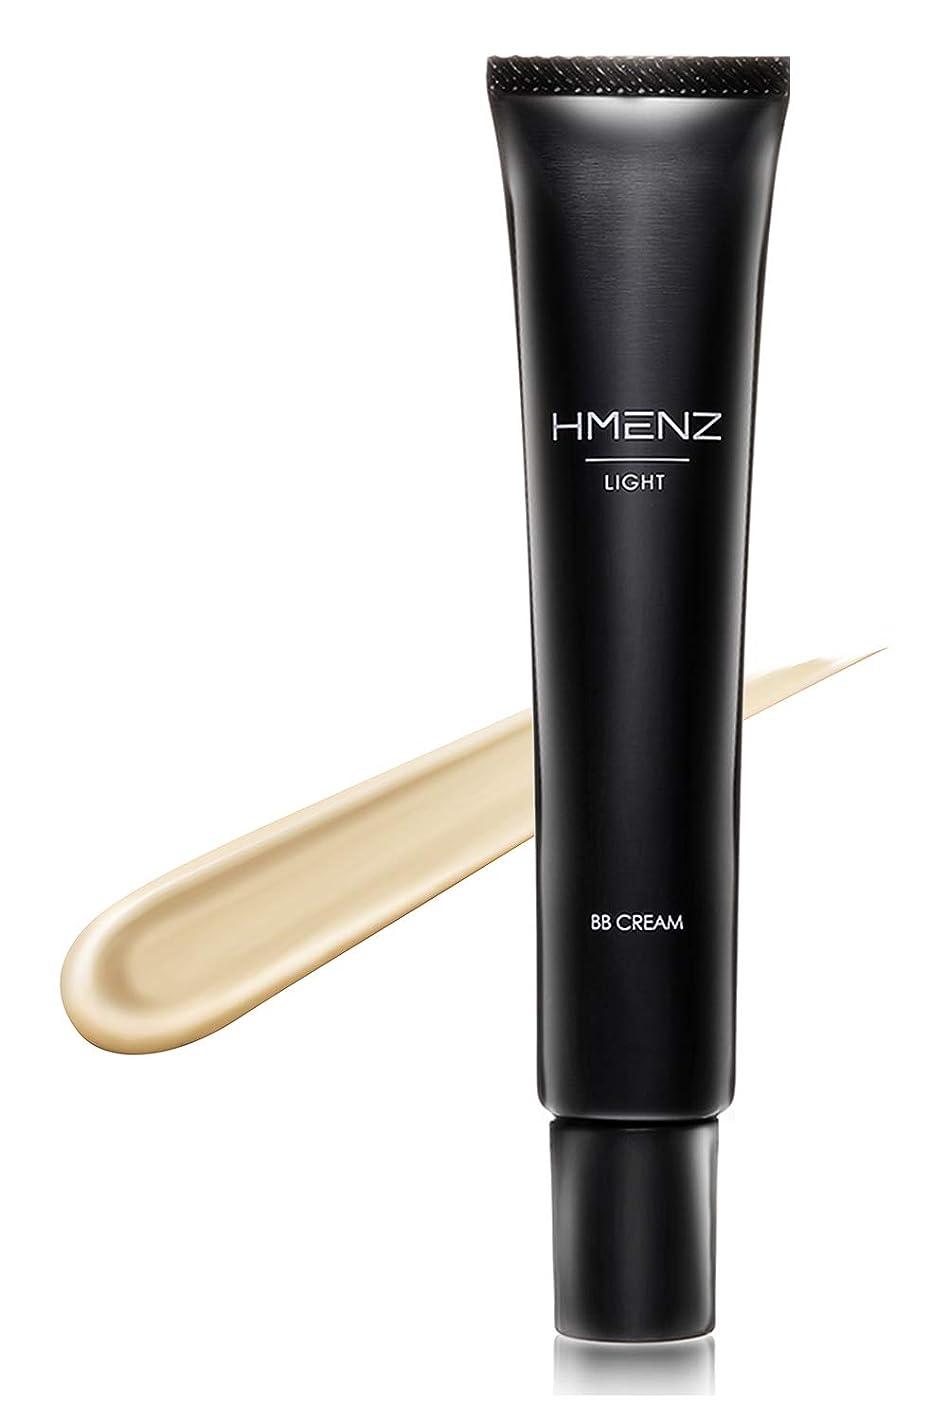 わずかに出力しがみつく【 コンシーラー メンズ ライトベージュ 】HMENZ メンズ BBクリーム 色白 明るい肌 『 テカリ防止 皮脂吸着パウダー 配合 』 (日焼け止め SPF50+ PA++++ シミ くま ニキビ隠し ファンデーション)25g